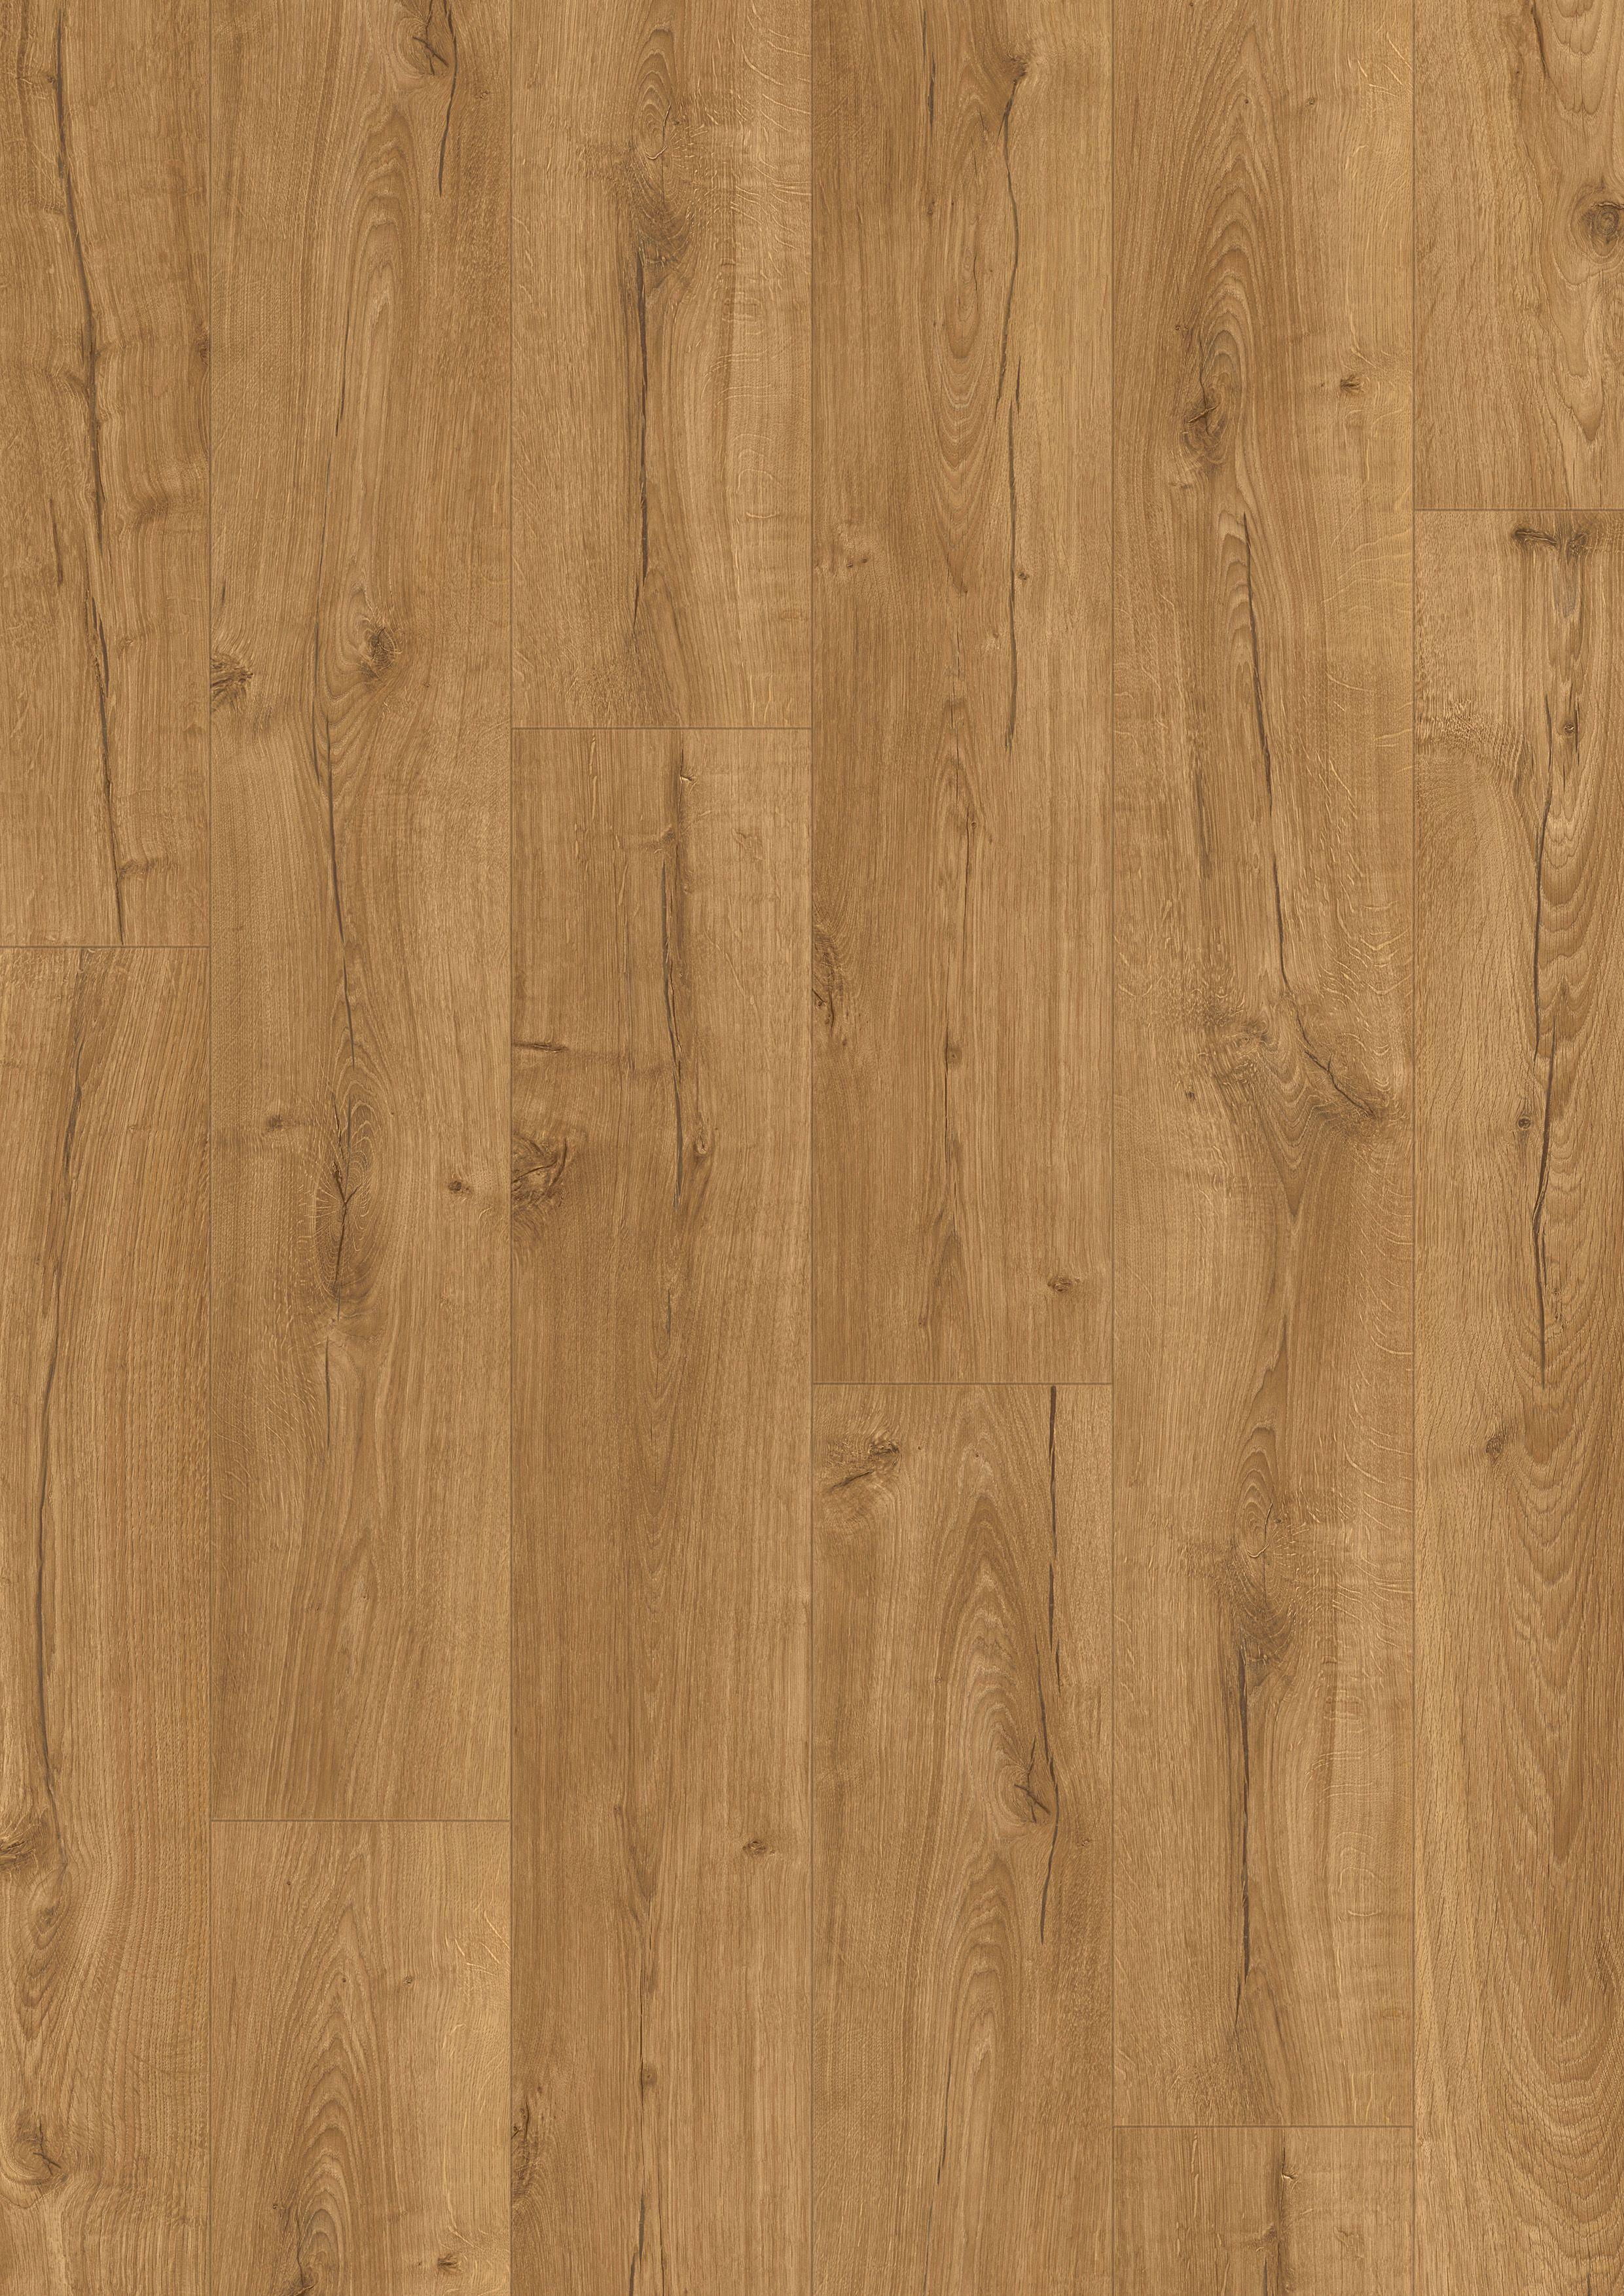 Aquanto Oak Natural Look Laminate Flooring Sample